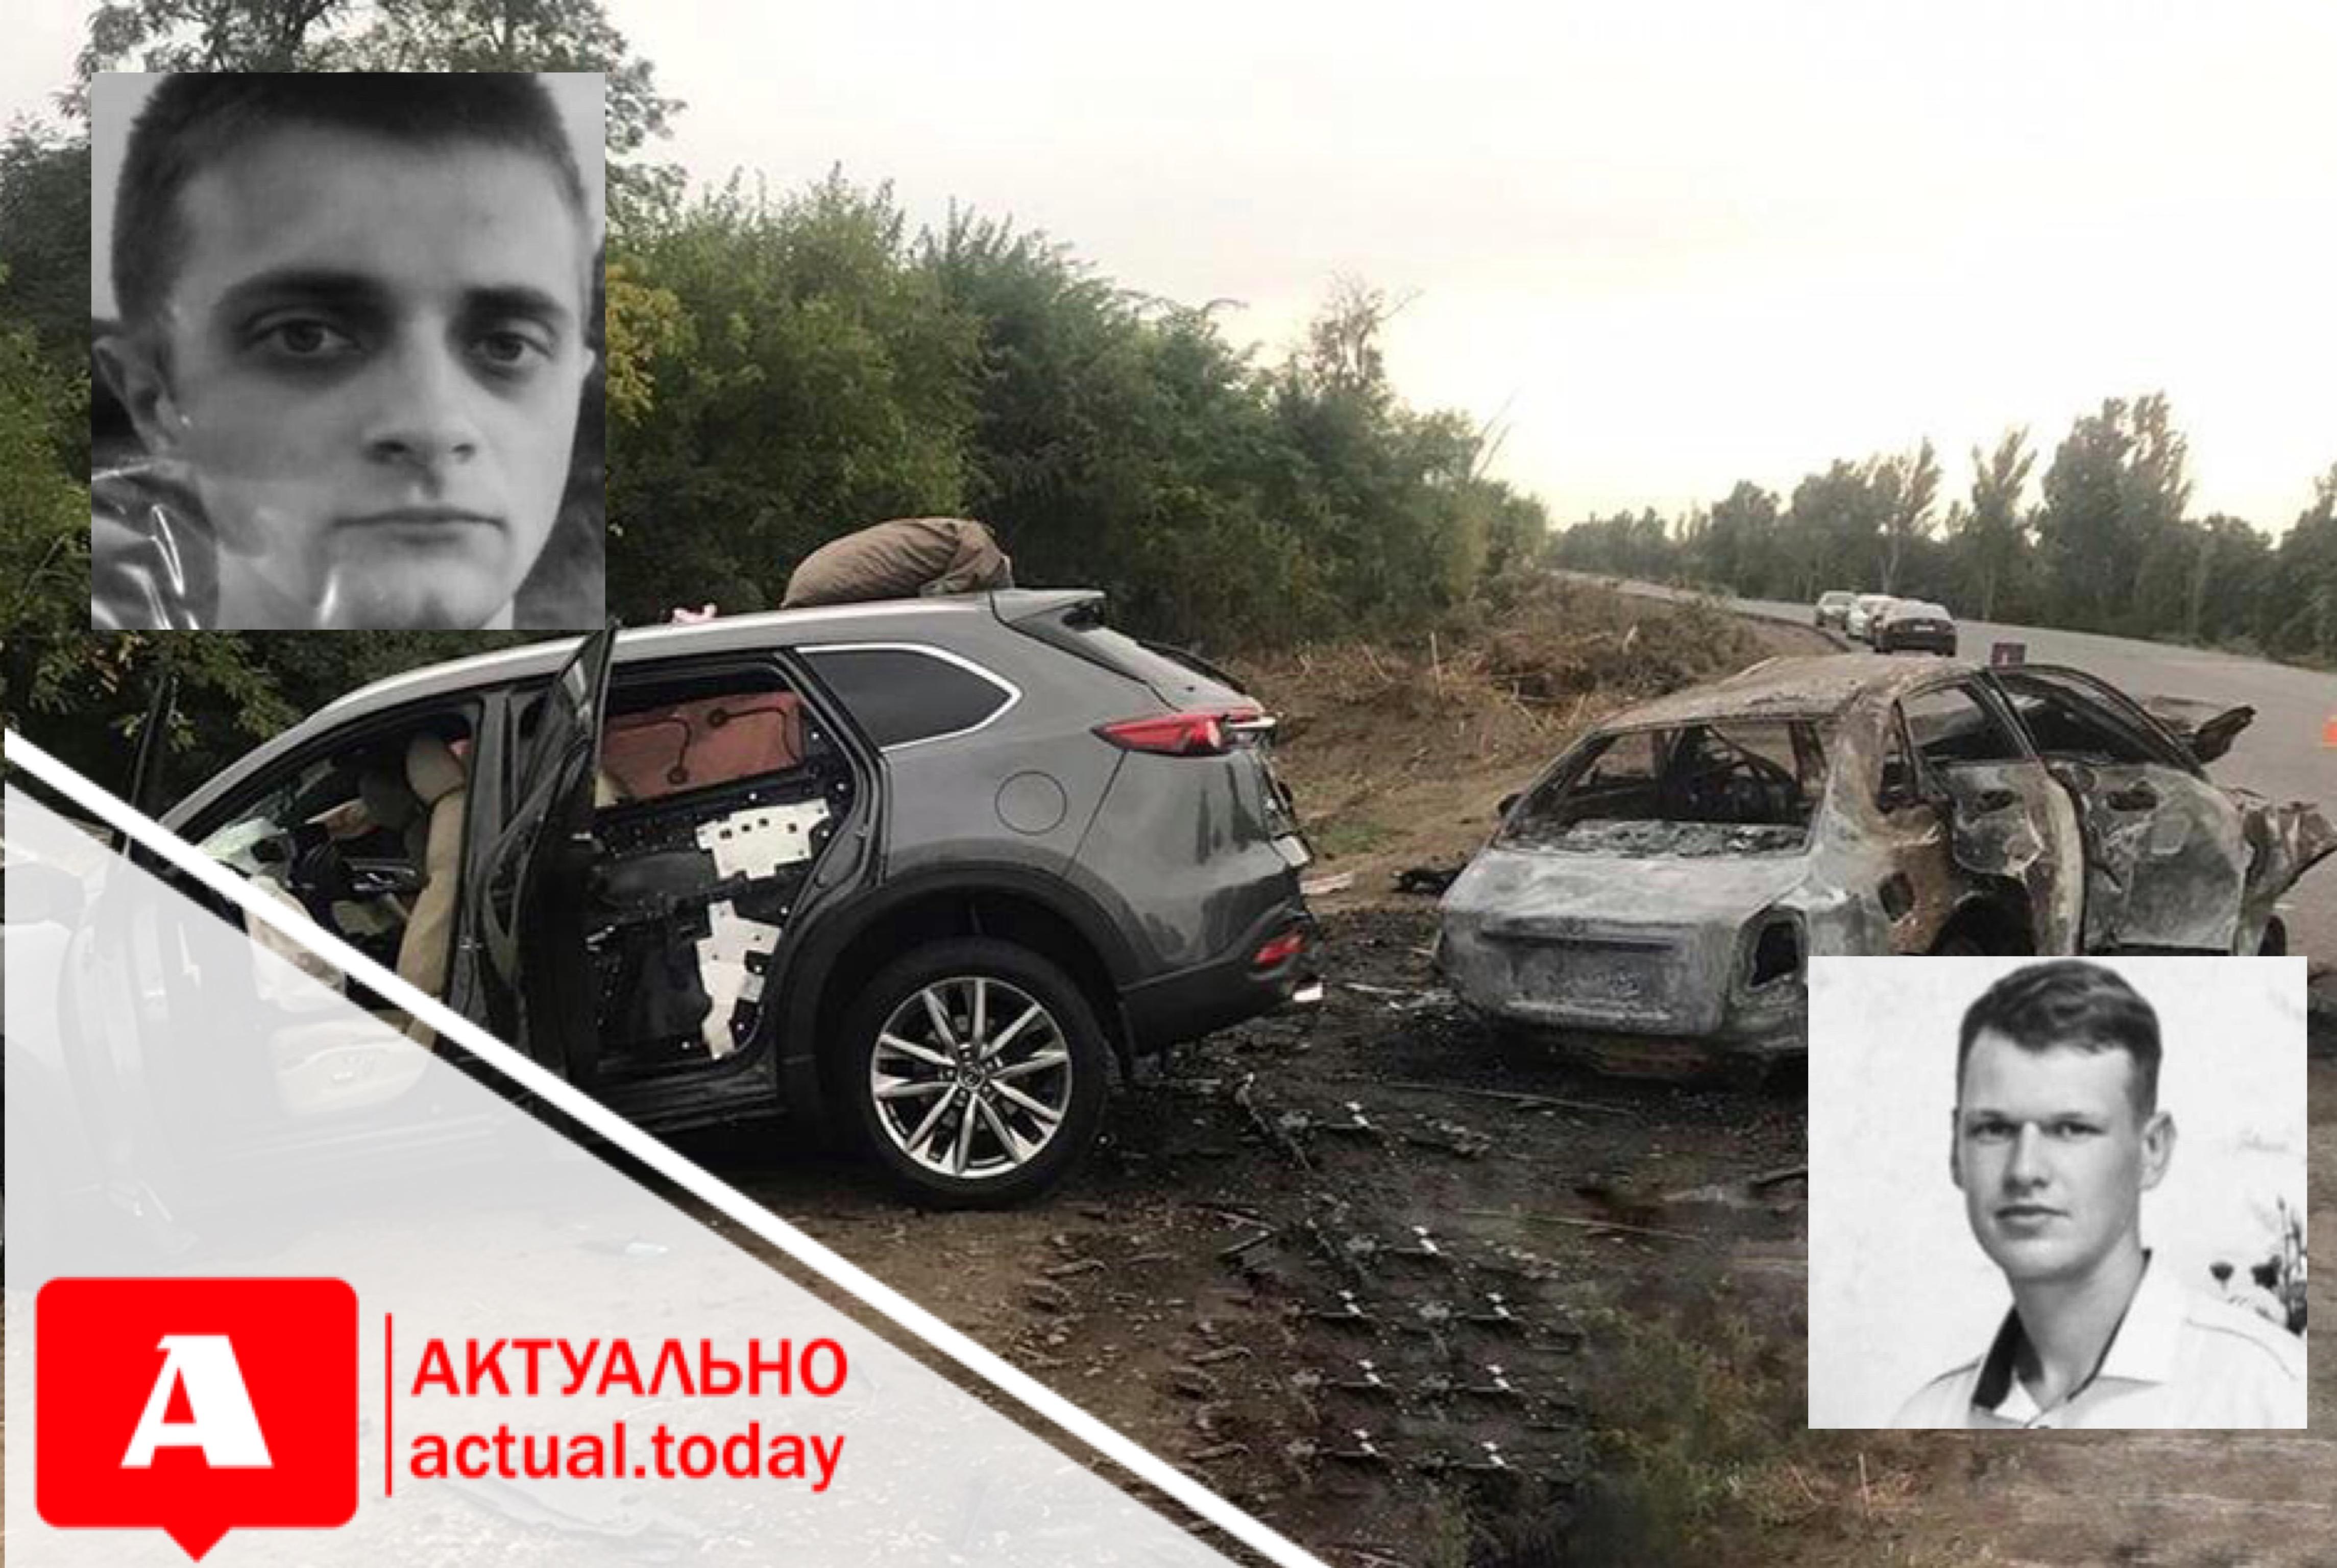 За рулем «Мазды» был полицейский: новые подробности ДТП возле Степногорска, в результате которого сгорели два парня (ФОТО, ВИДЕО)